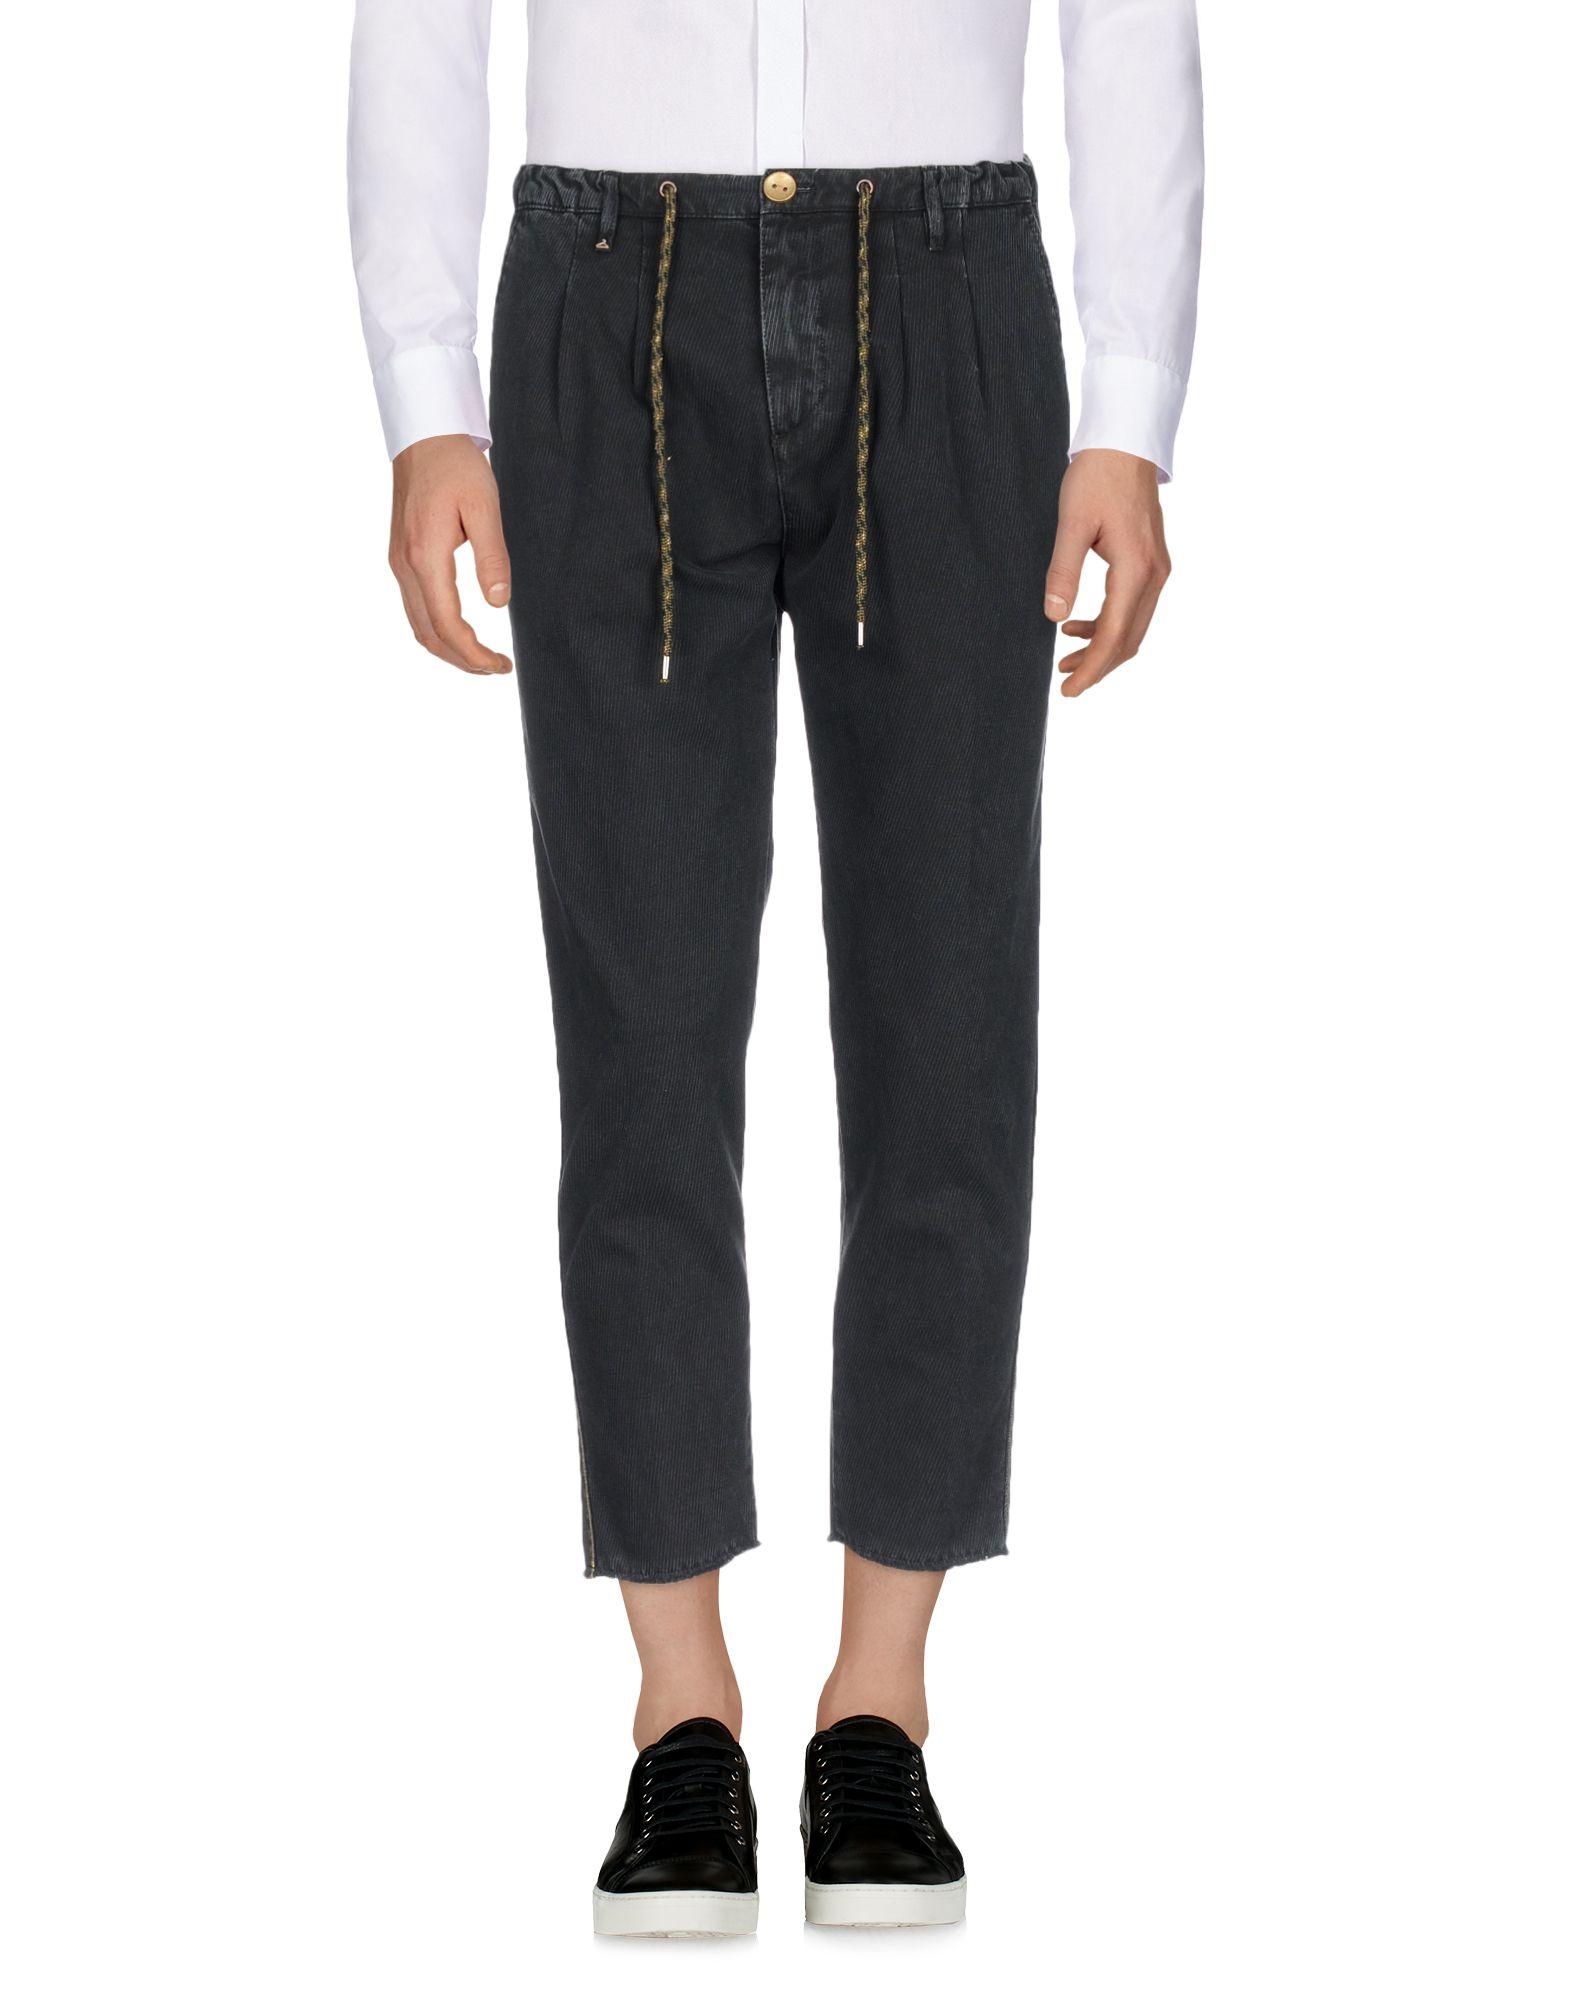 《期間限定セール中》BERNA メンズ パンツ ブラック 46 コットン 100%